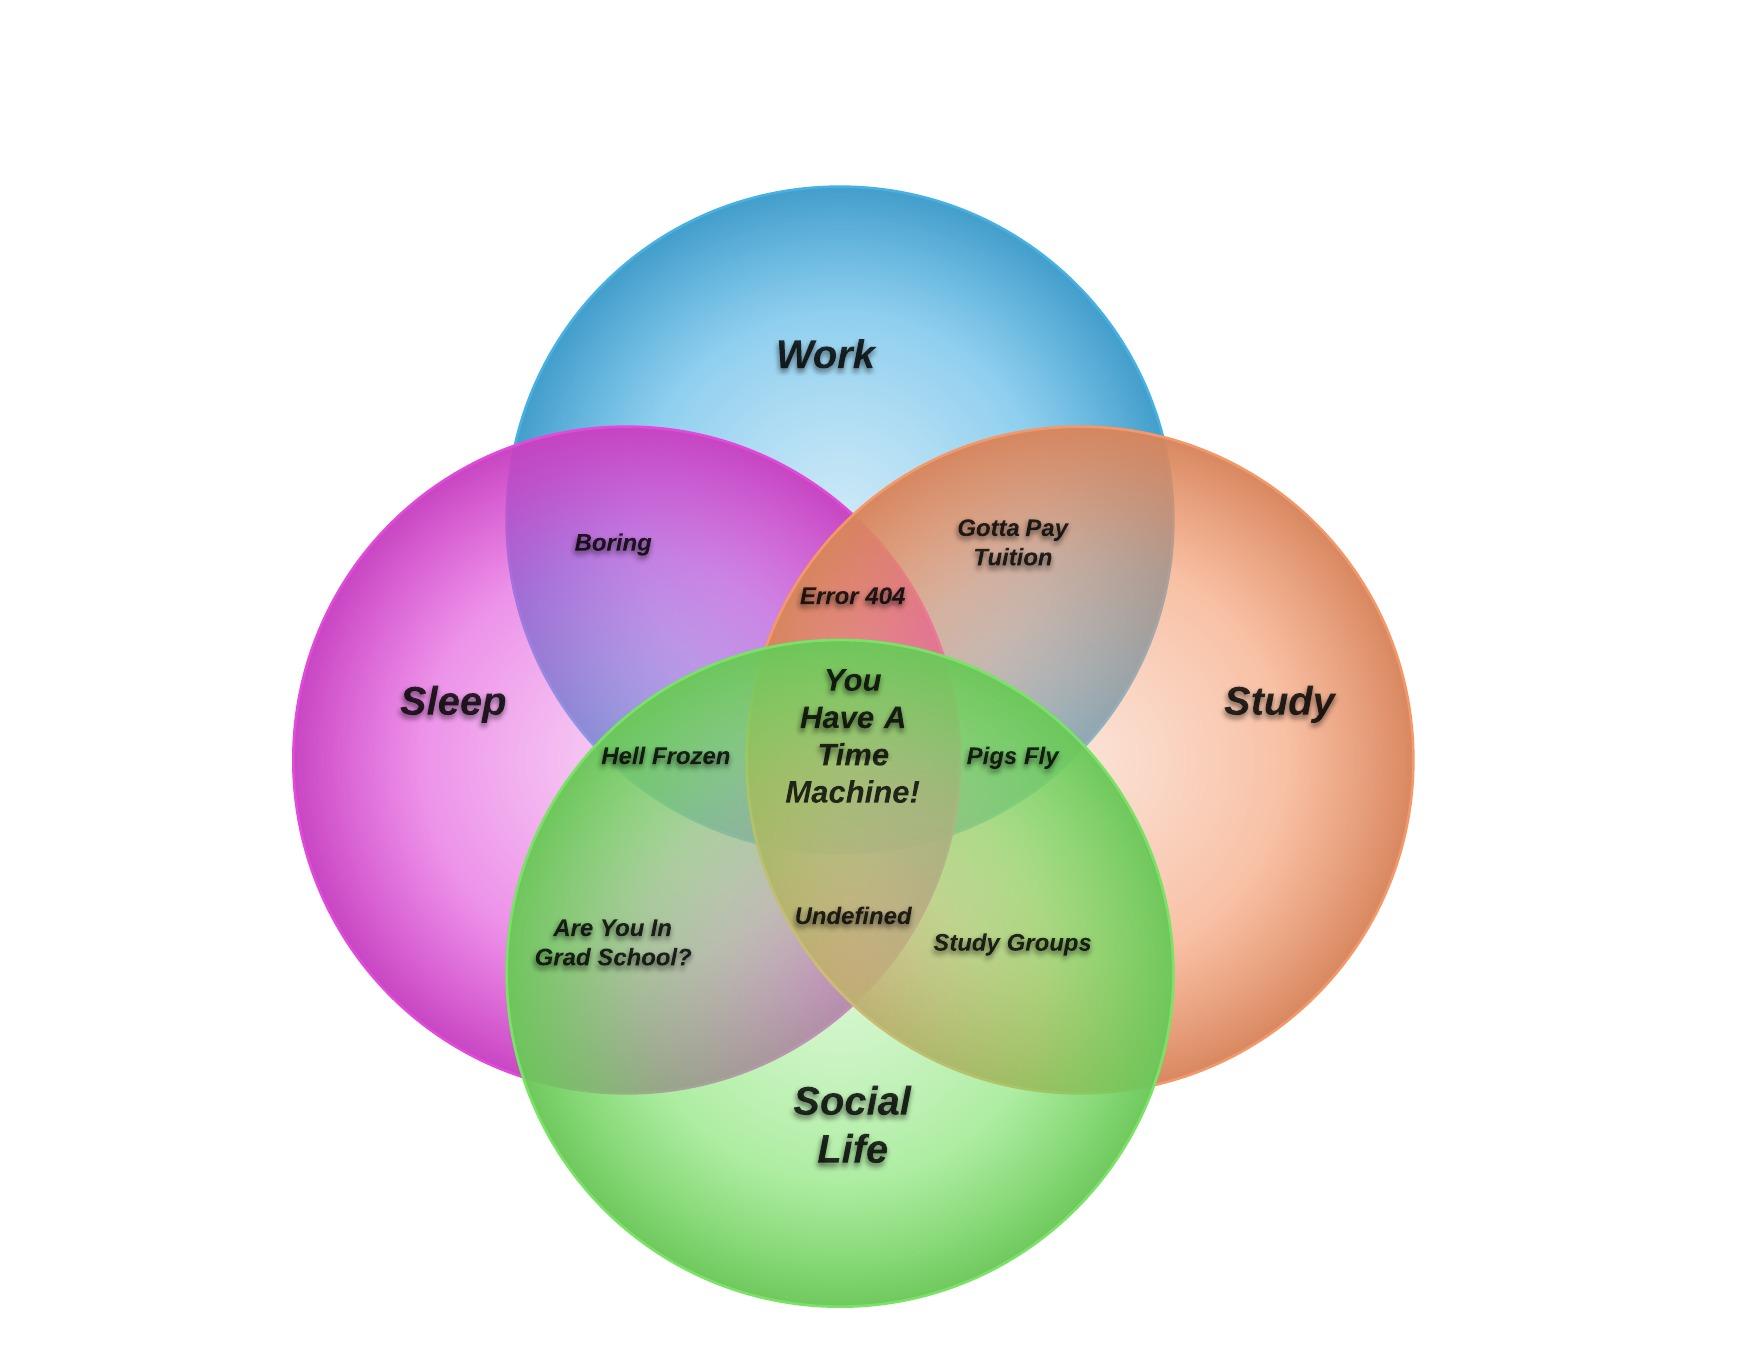 Grad School & A Social Life